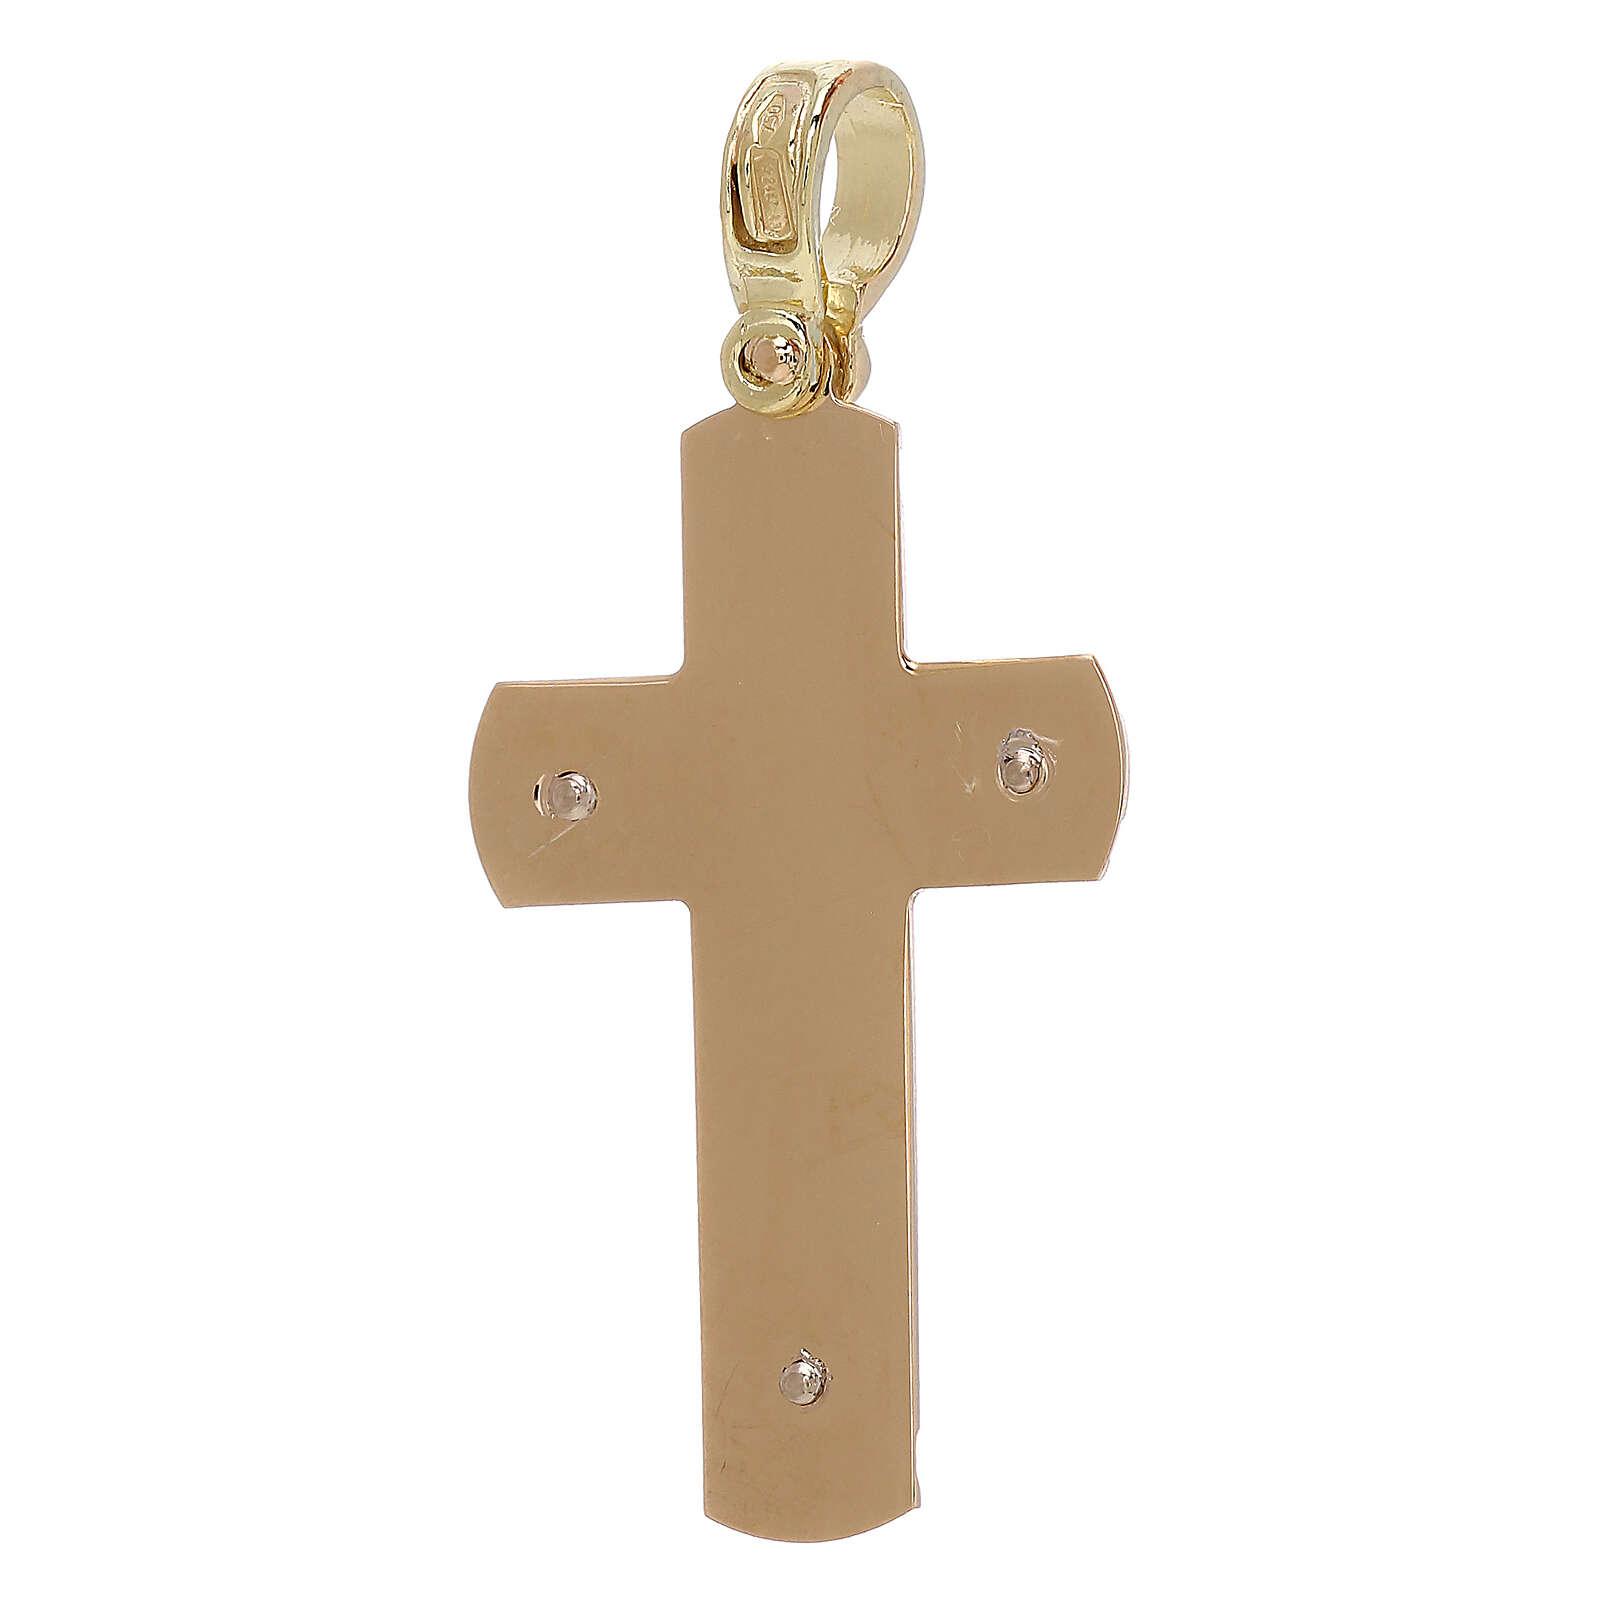 Croix pendentif gravée avec Christ or 18K 3,68 gr 4